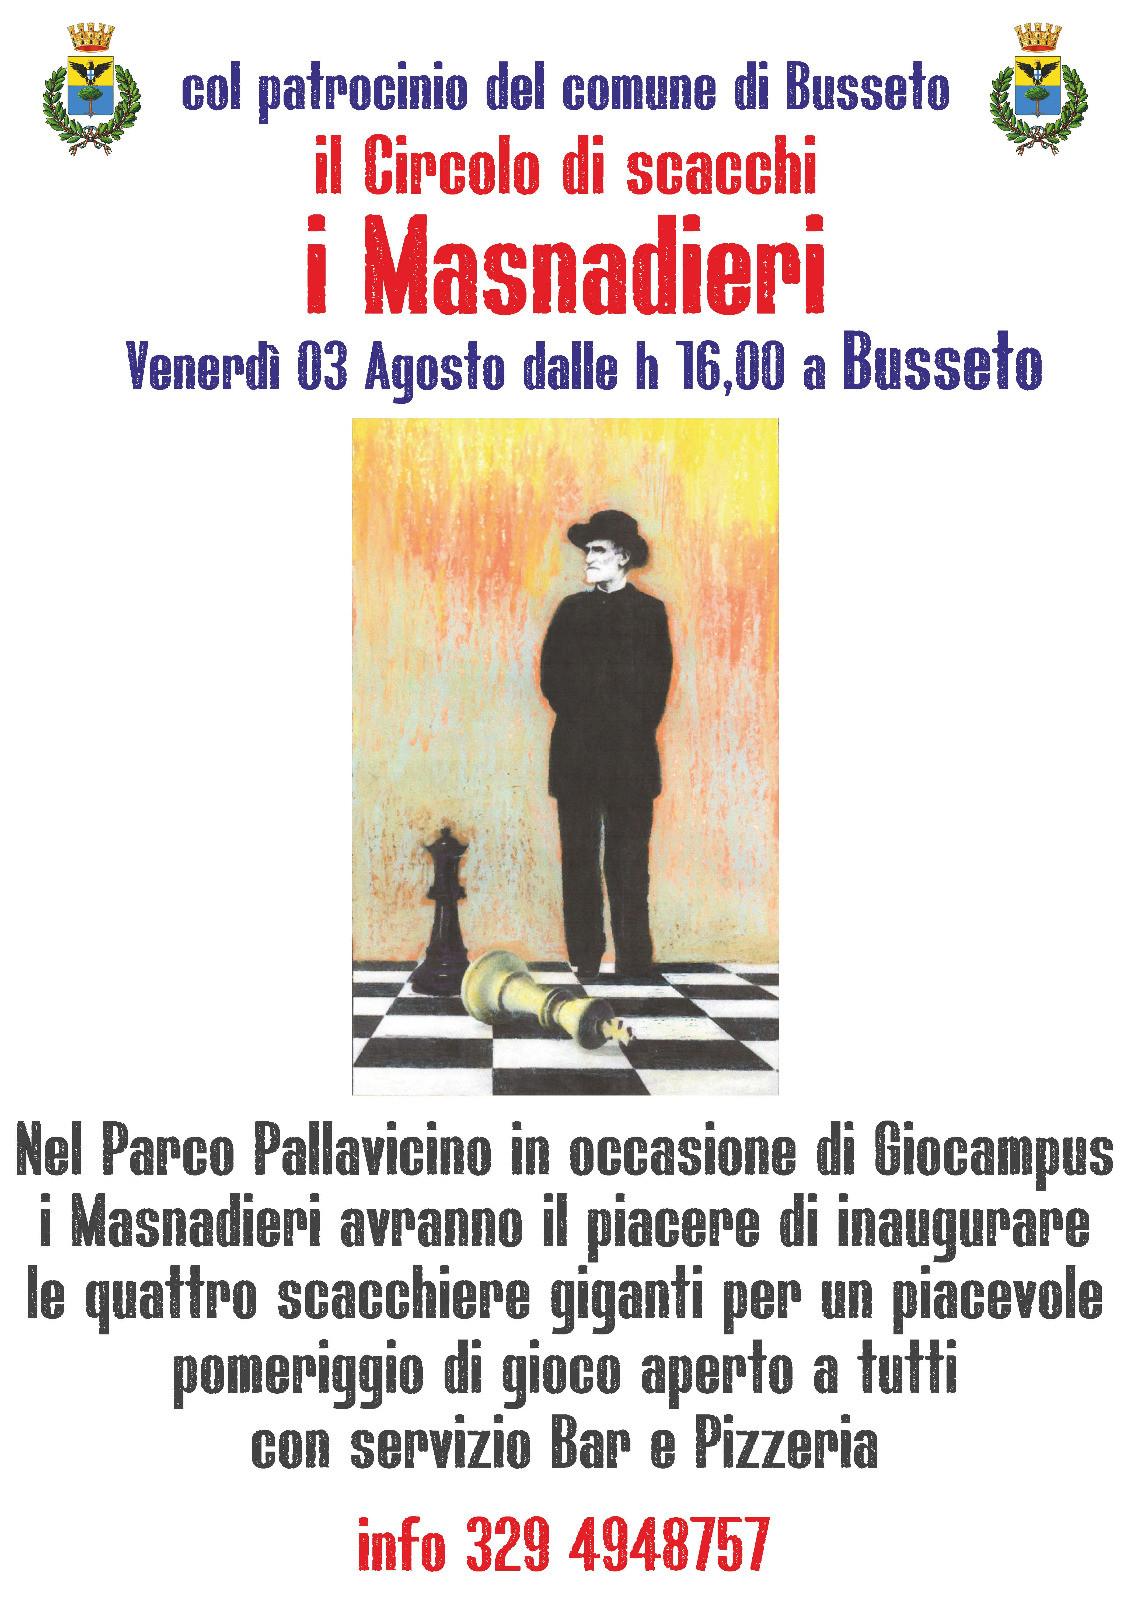 Inaugurazione scacchiere giganti a Busseto